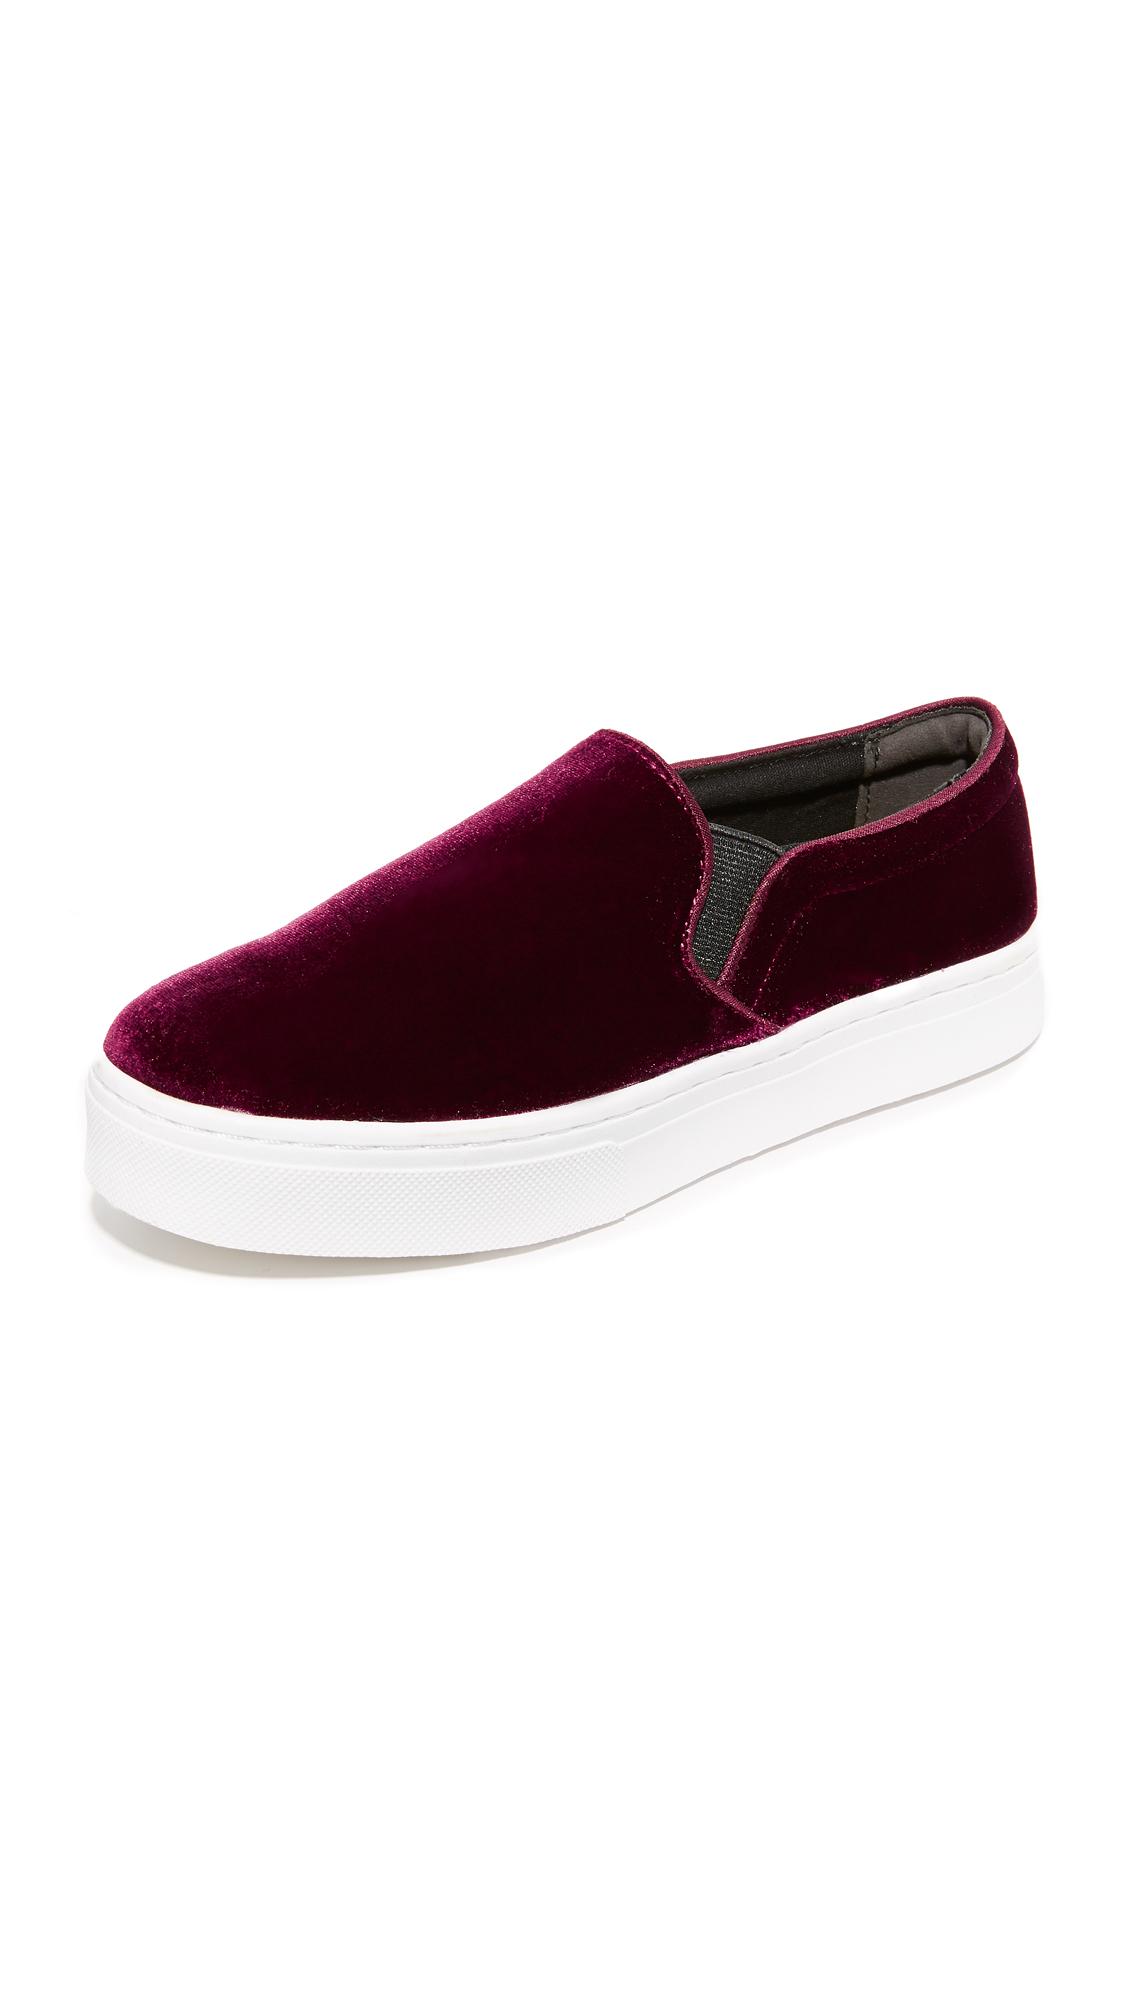 sam edelman female sam edelman lacey velvet slip on sneakers burgundy velvet